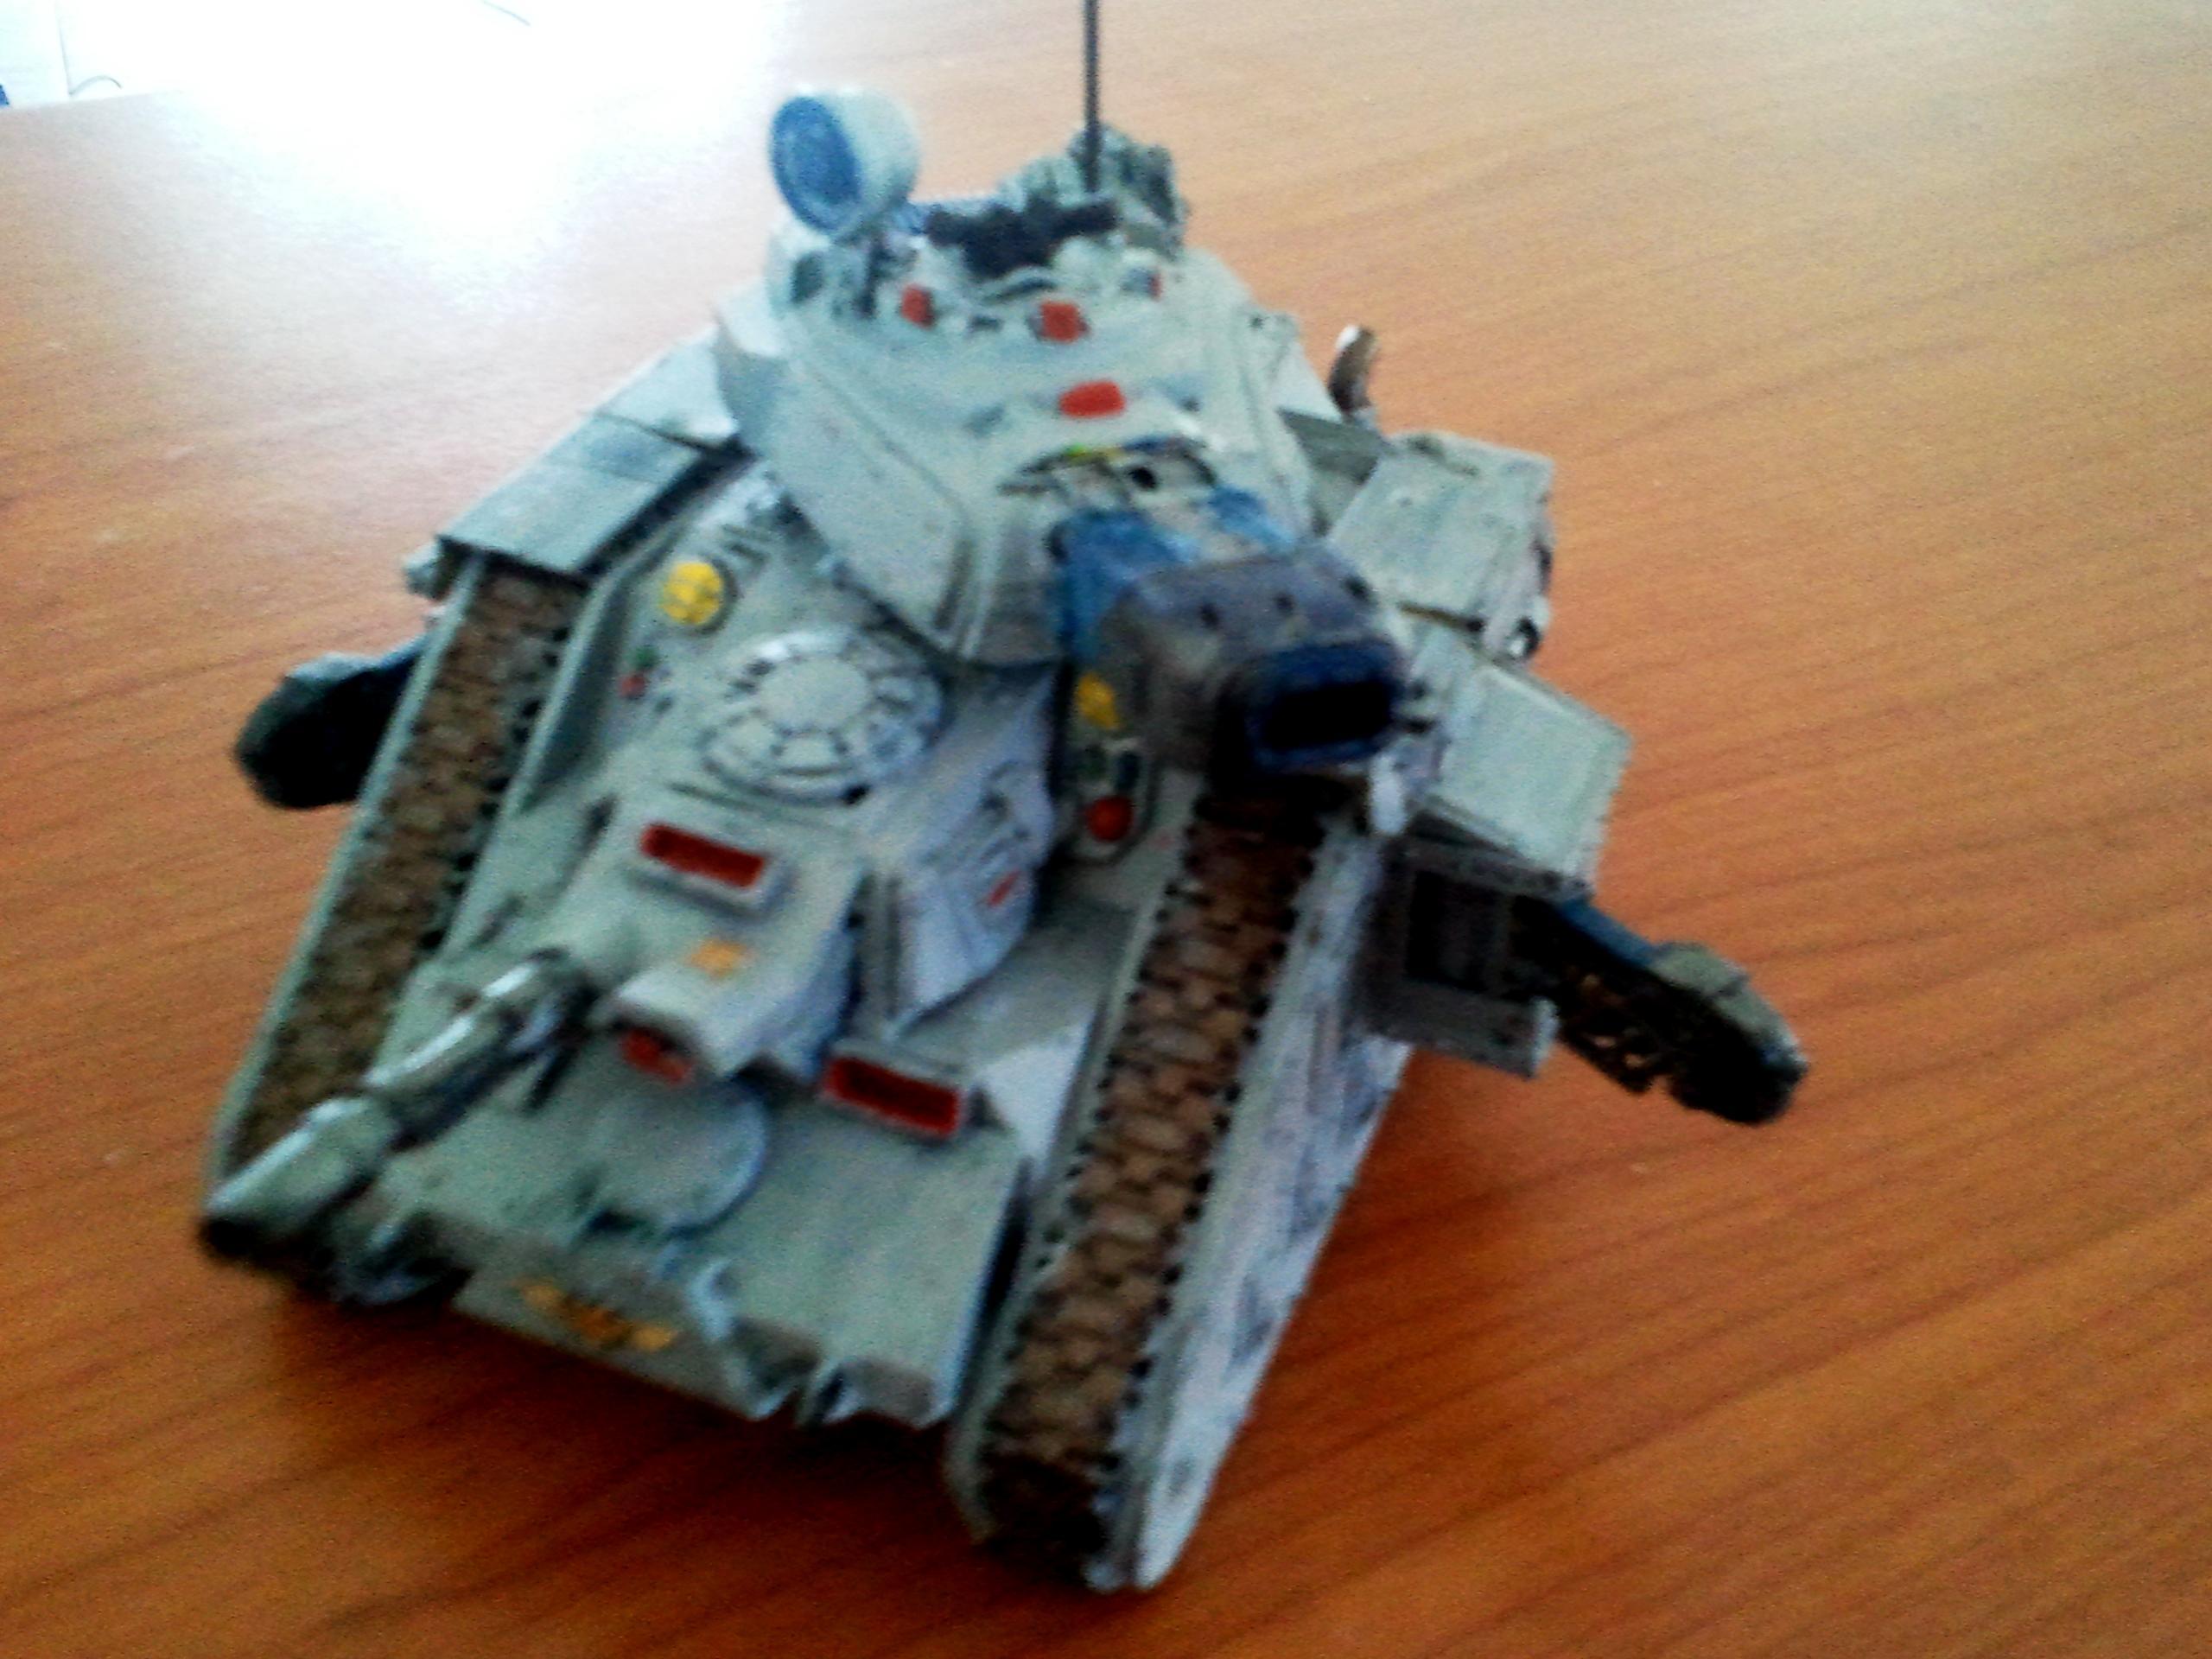 Conversion, Leman Russ, Warhammer 40,000